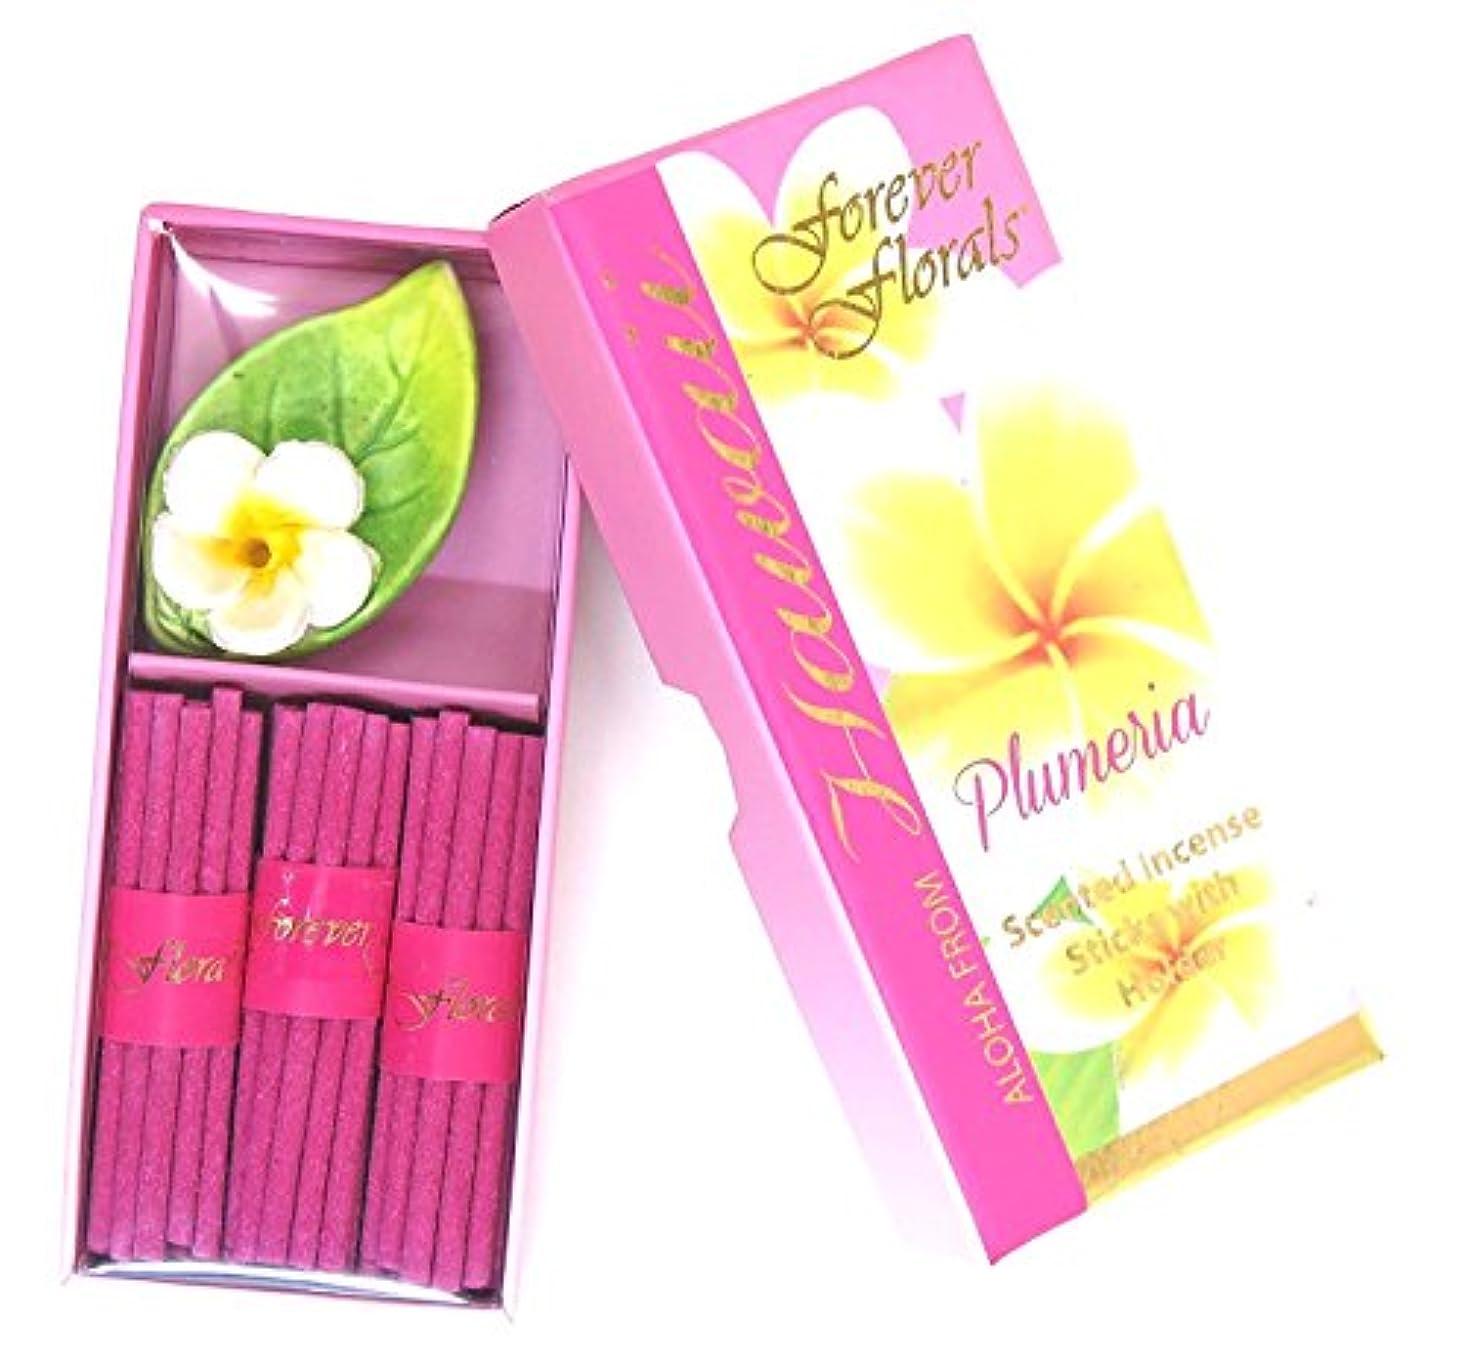 ハワイアン雑貨 ハワイ雑貨/Forever Florals ミニインセンスボックス お香 プルメリア 【お土産】